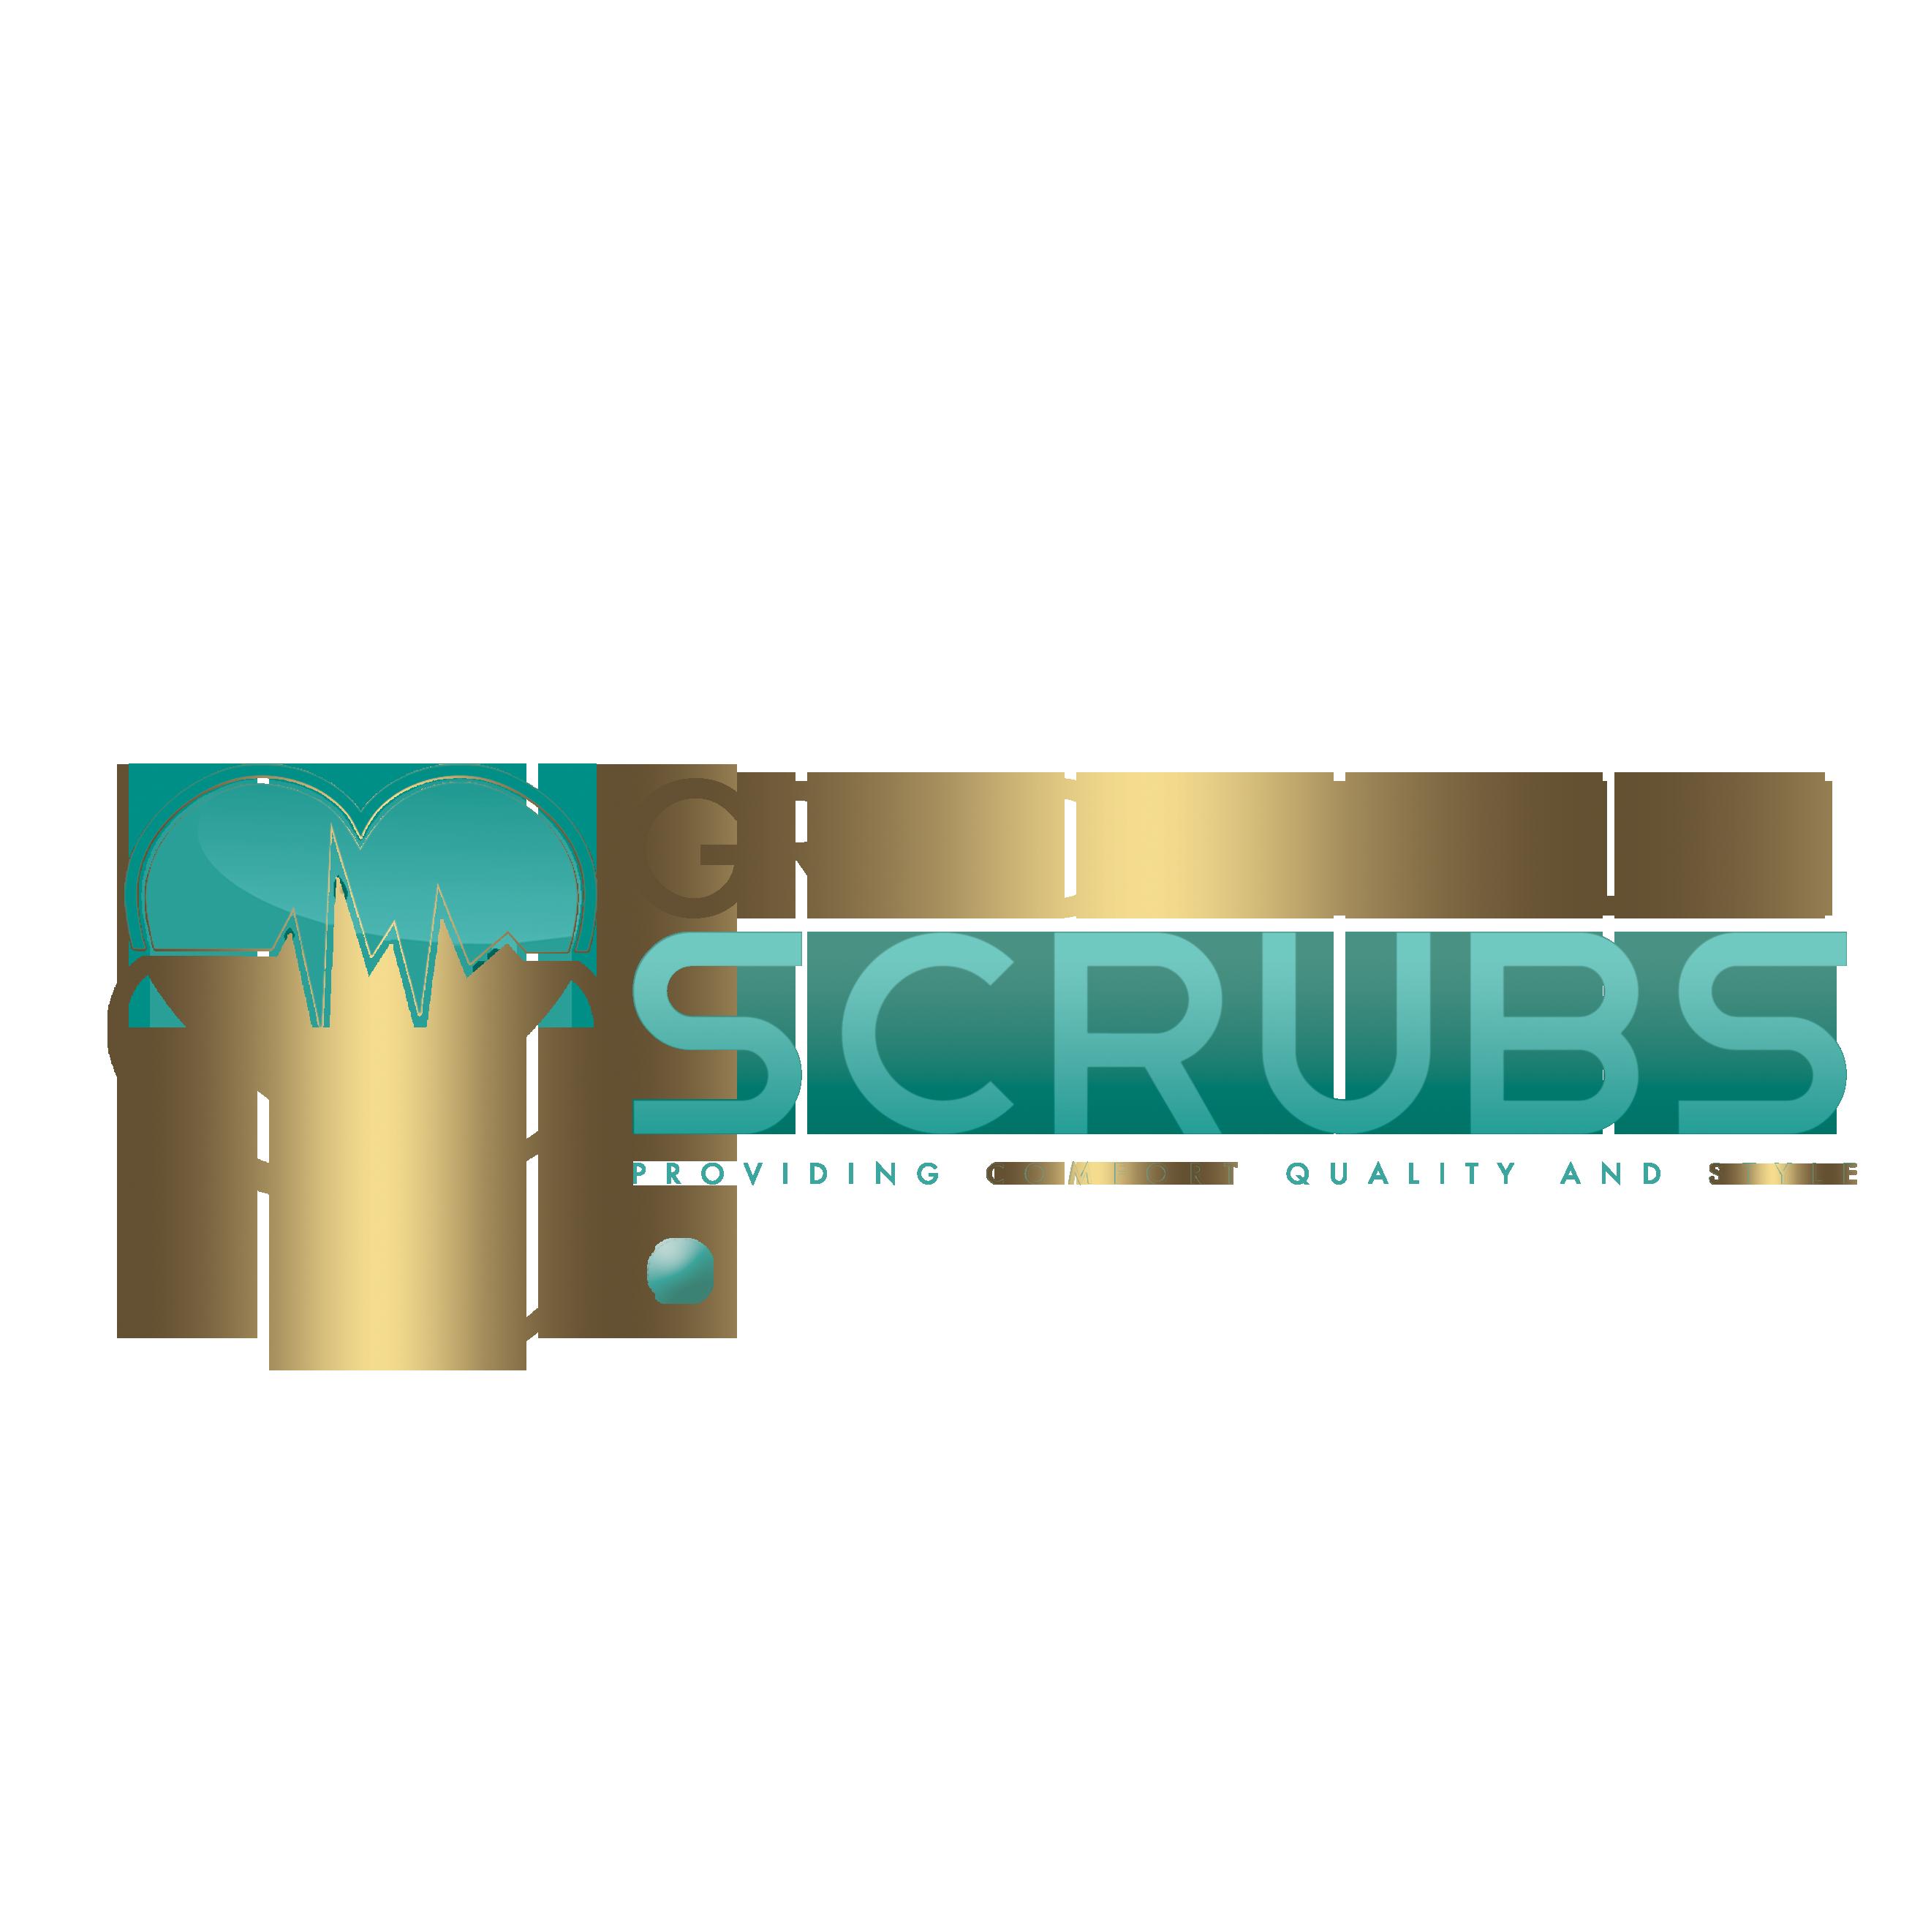 Gracehealthscrubs